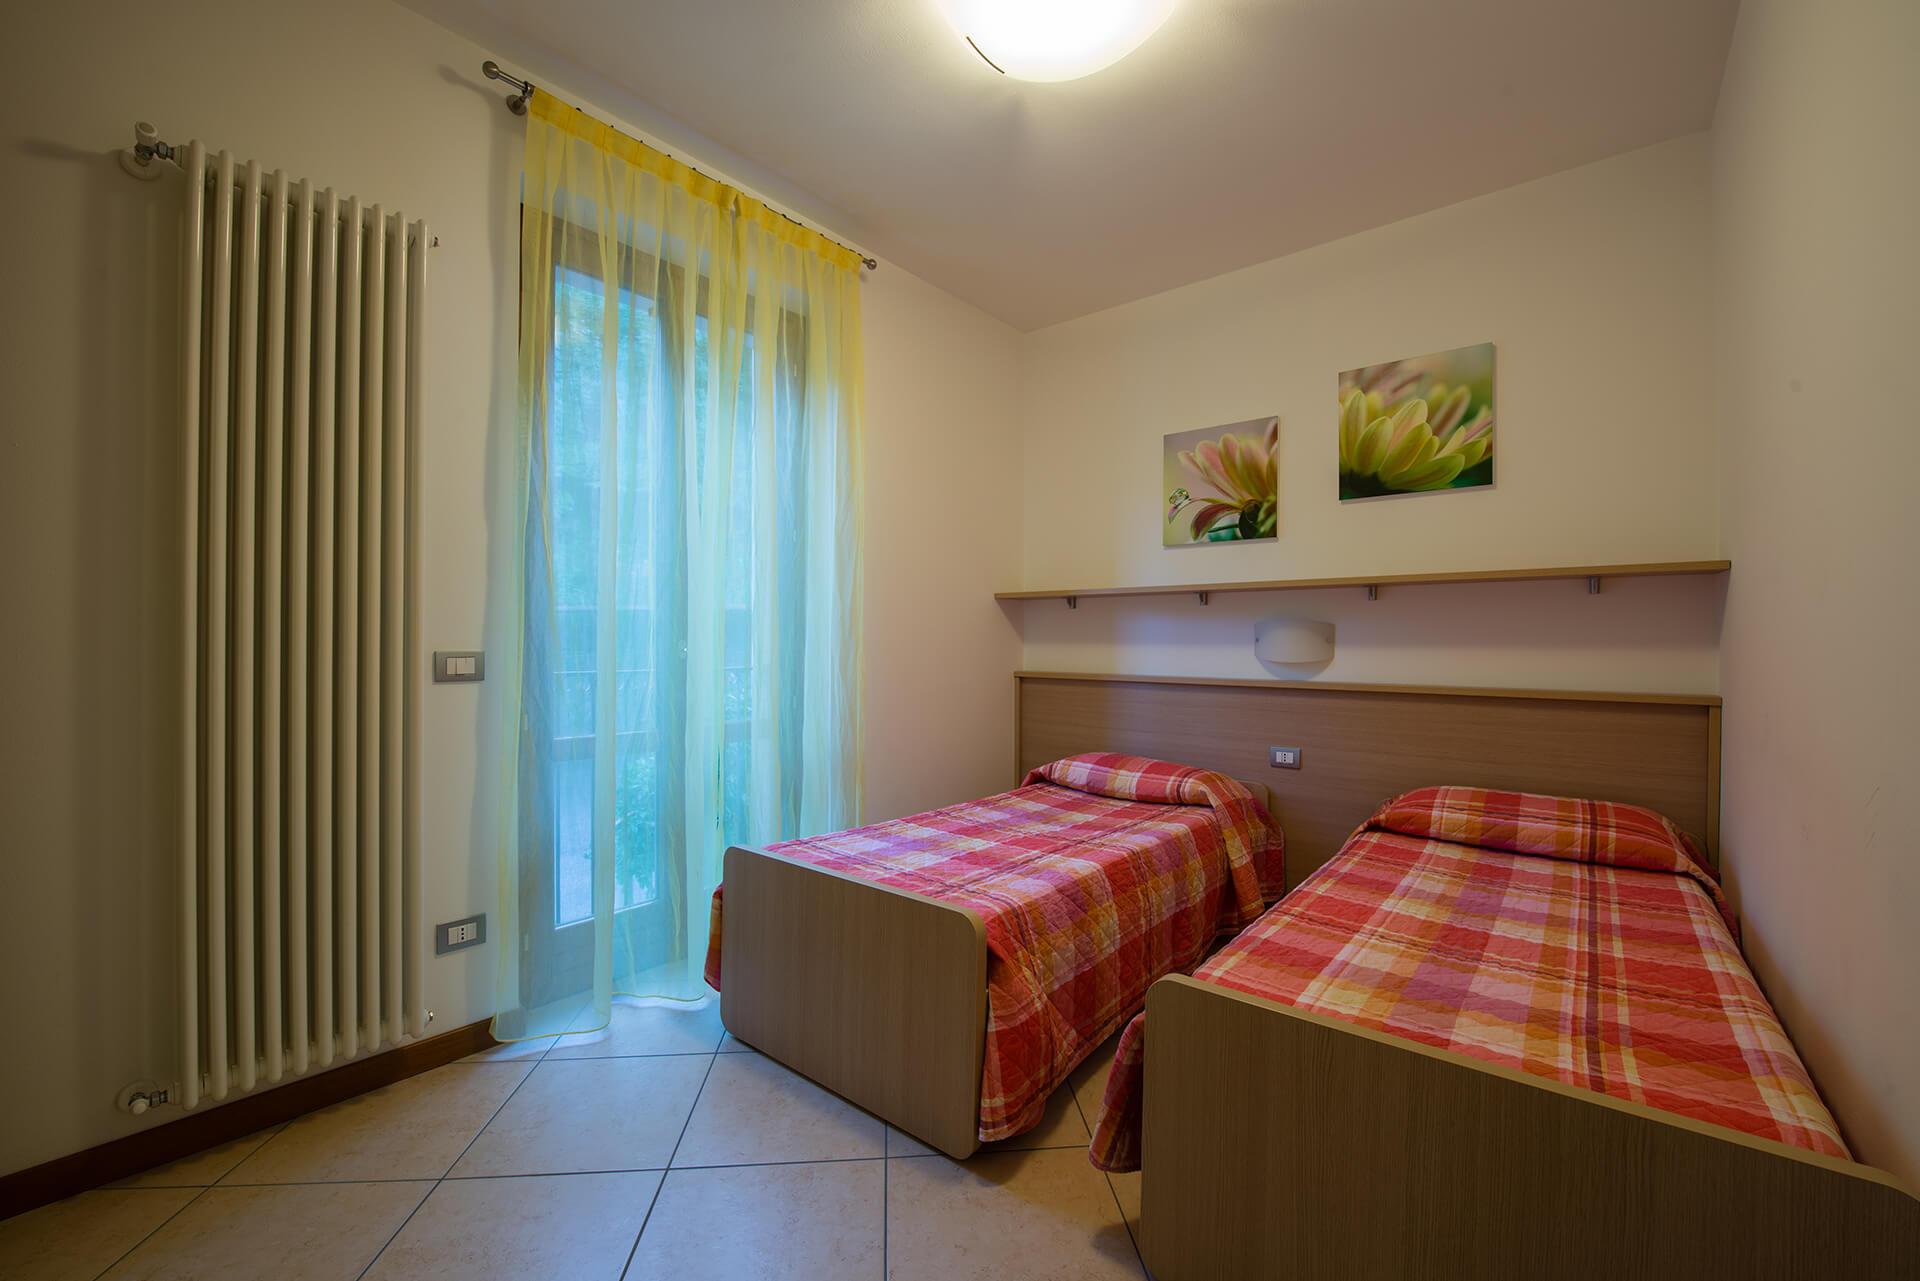 appartamento-c-canevini-camera-6